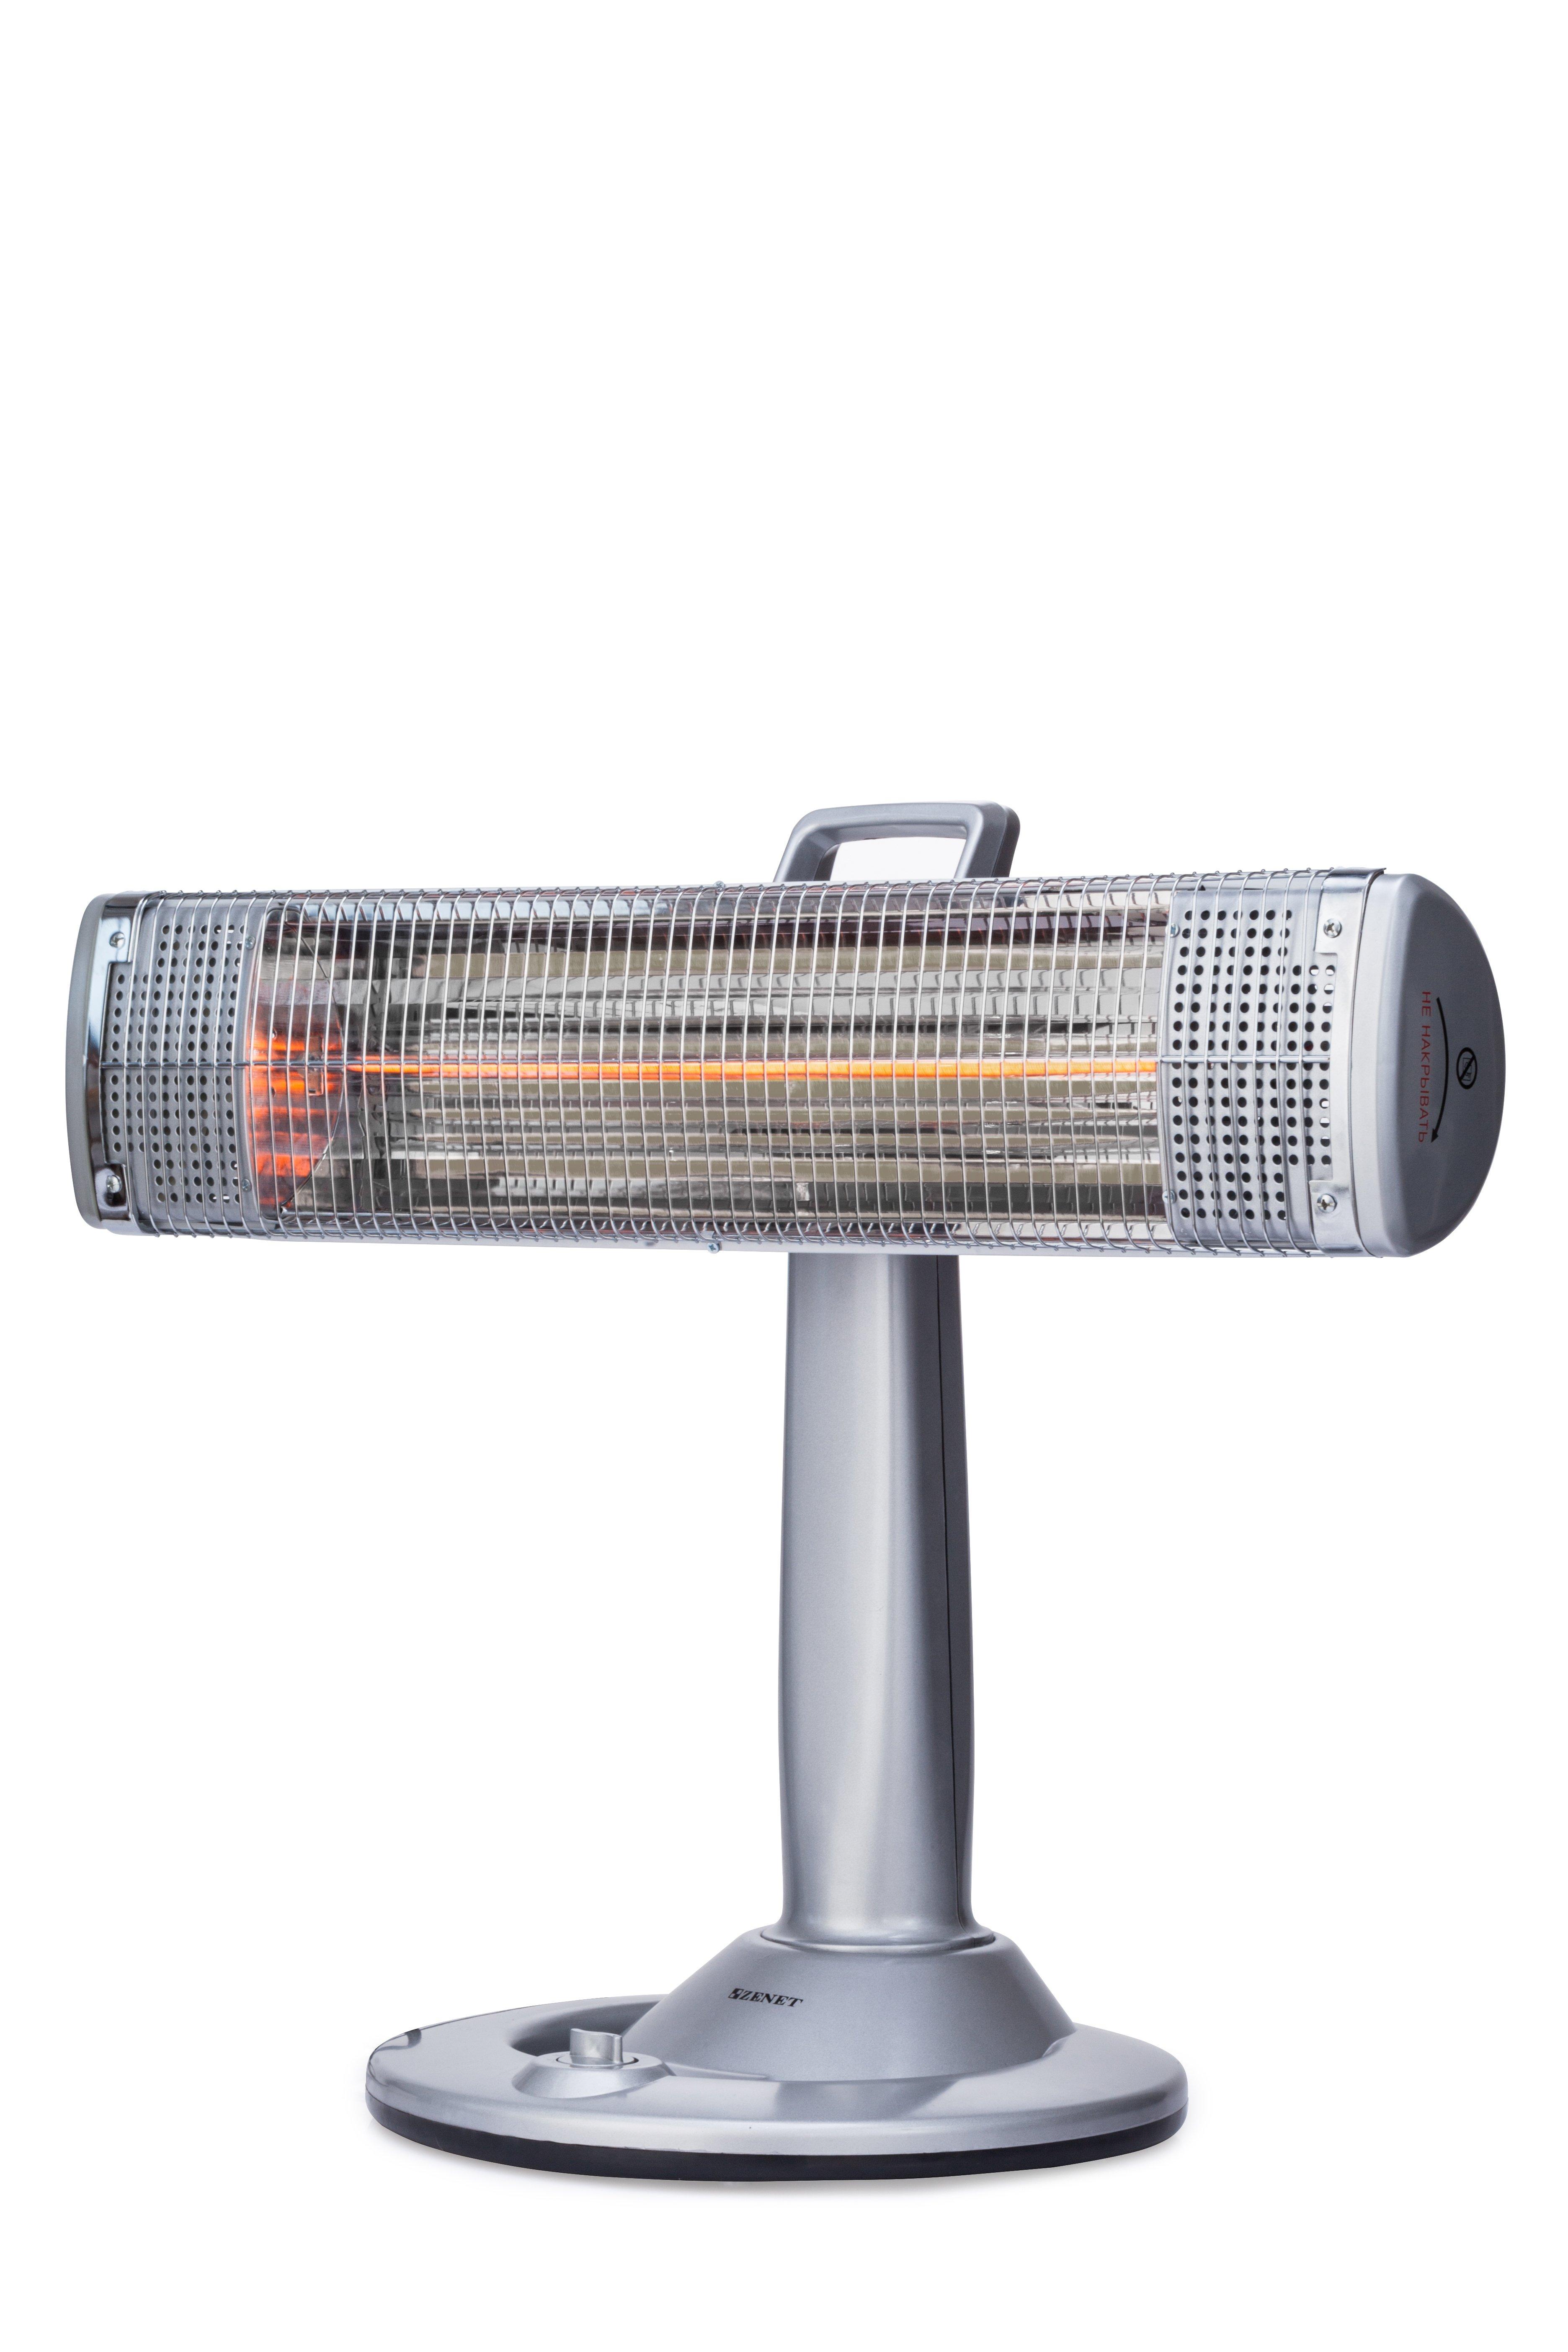 Карбоновый инфракрасный обогреватель для дома - вентиляция, кондиционирование и отопление